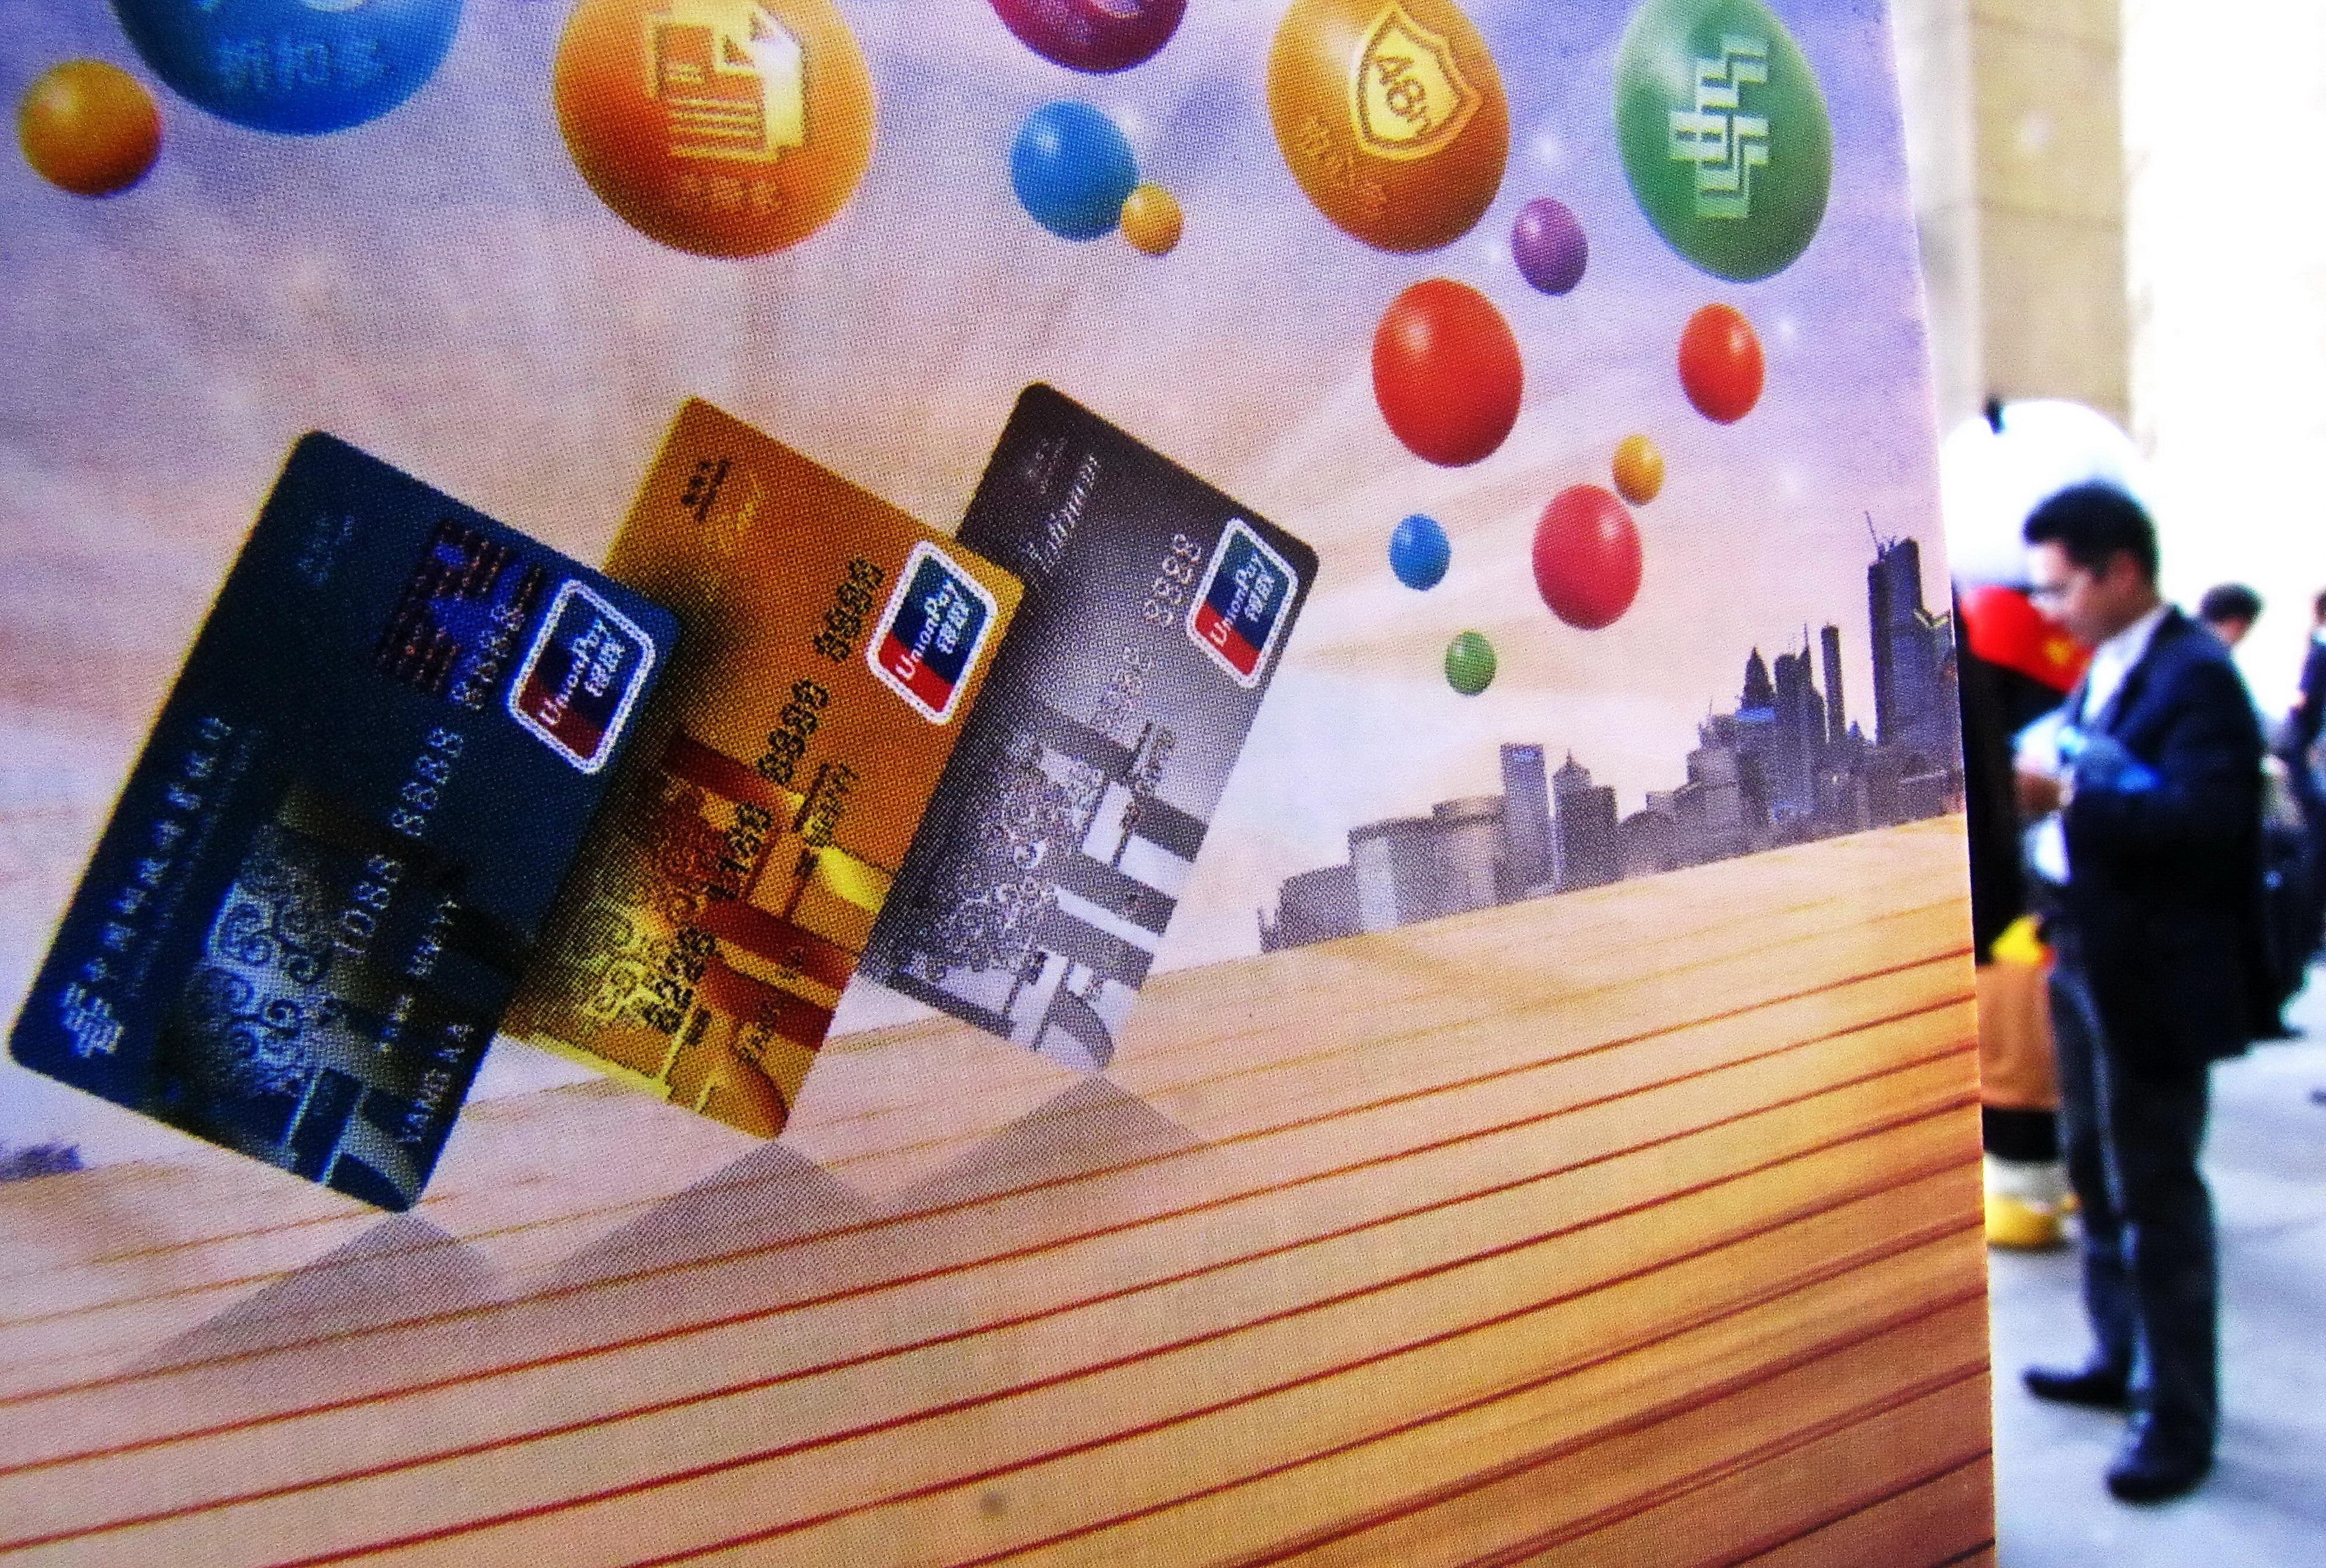 支付宝申请信用卡有妙招,以下流程和技巧是必备!